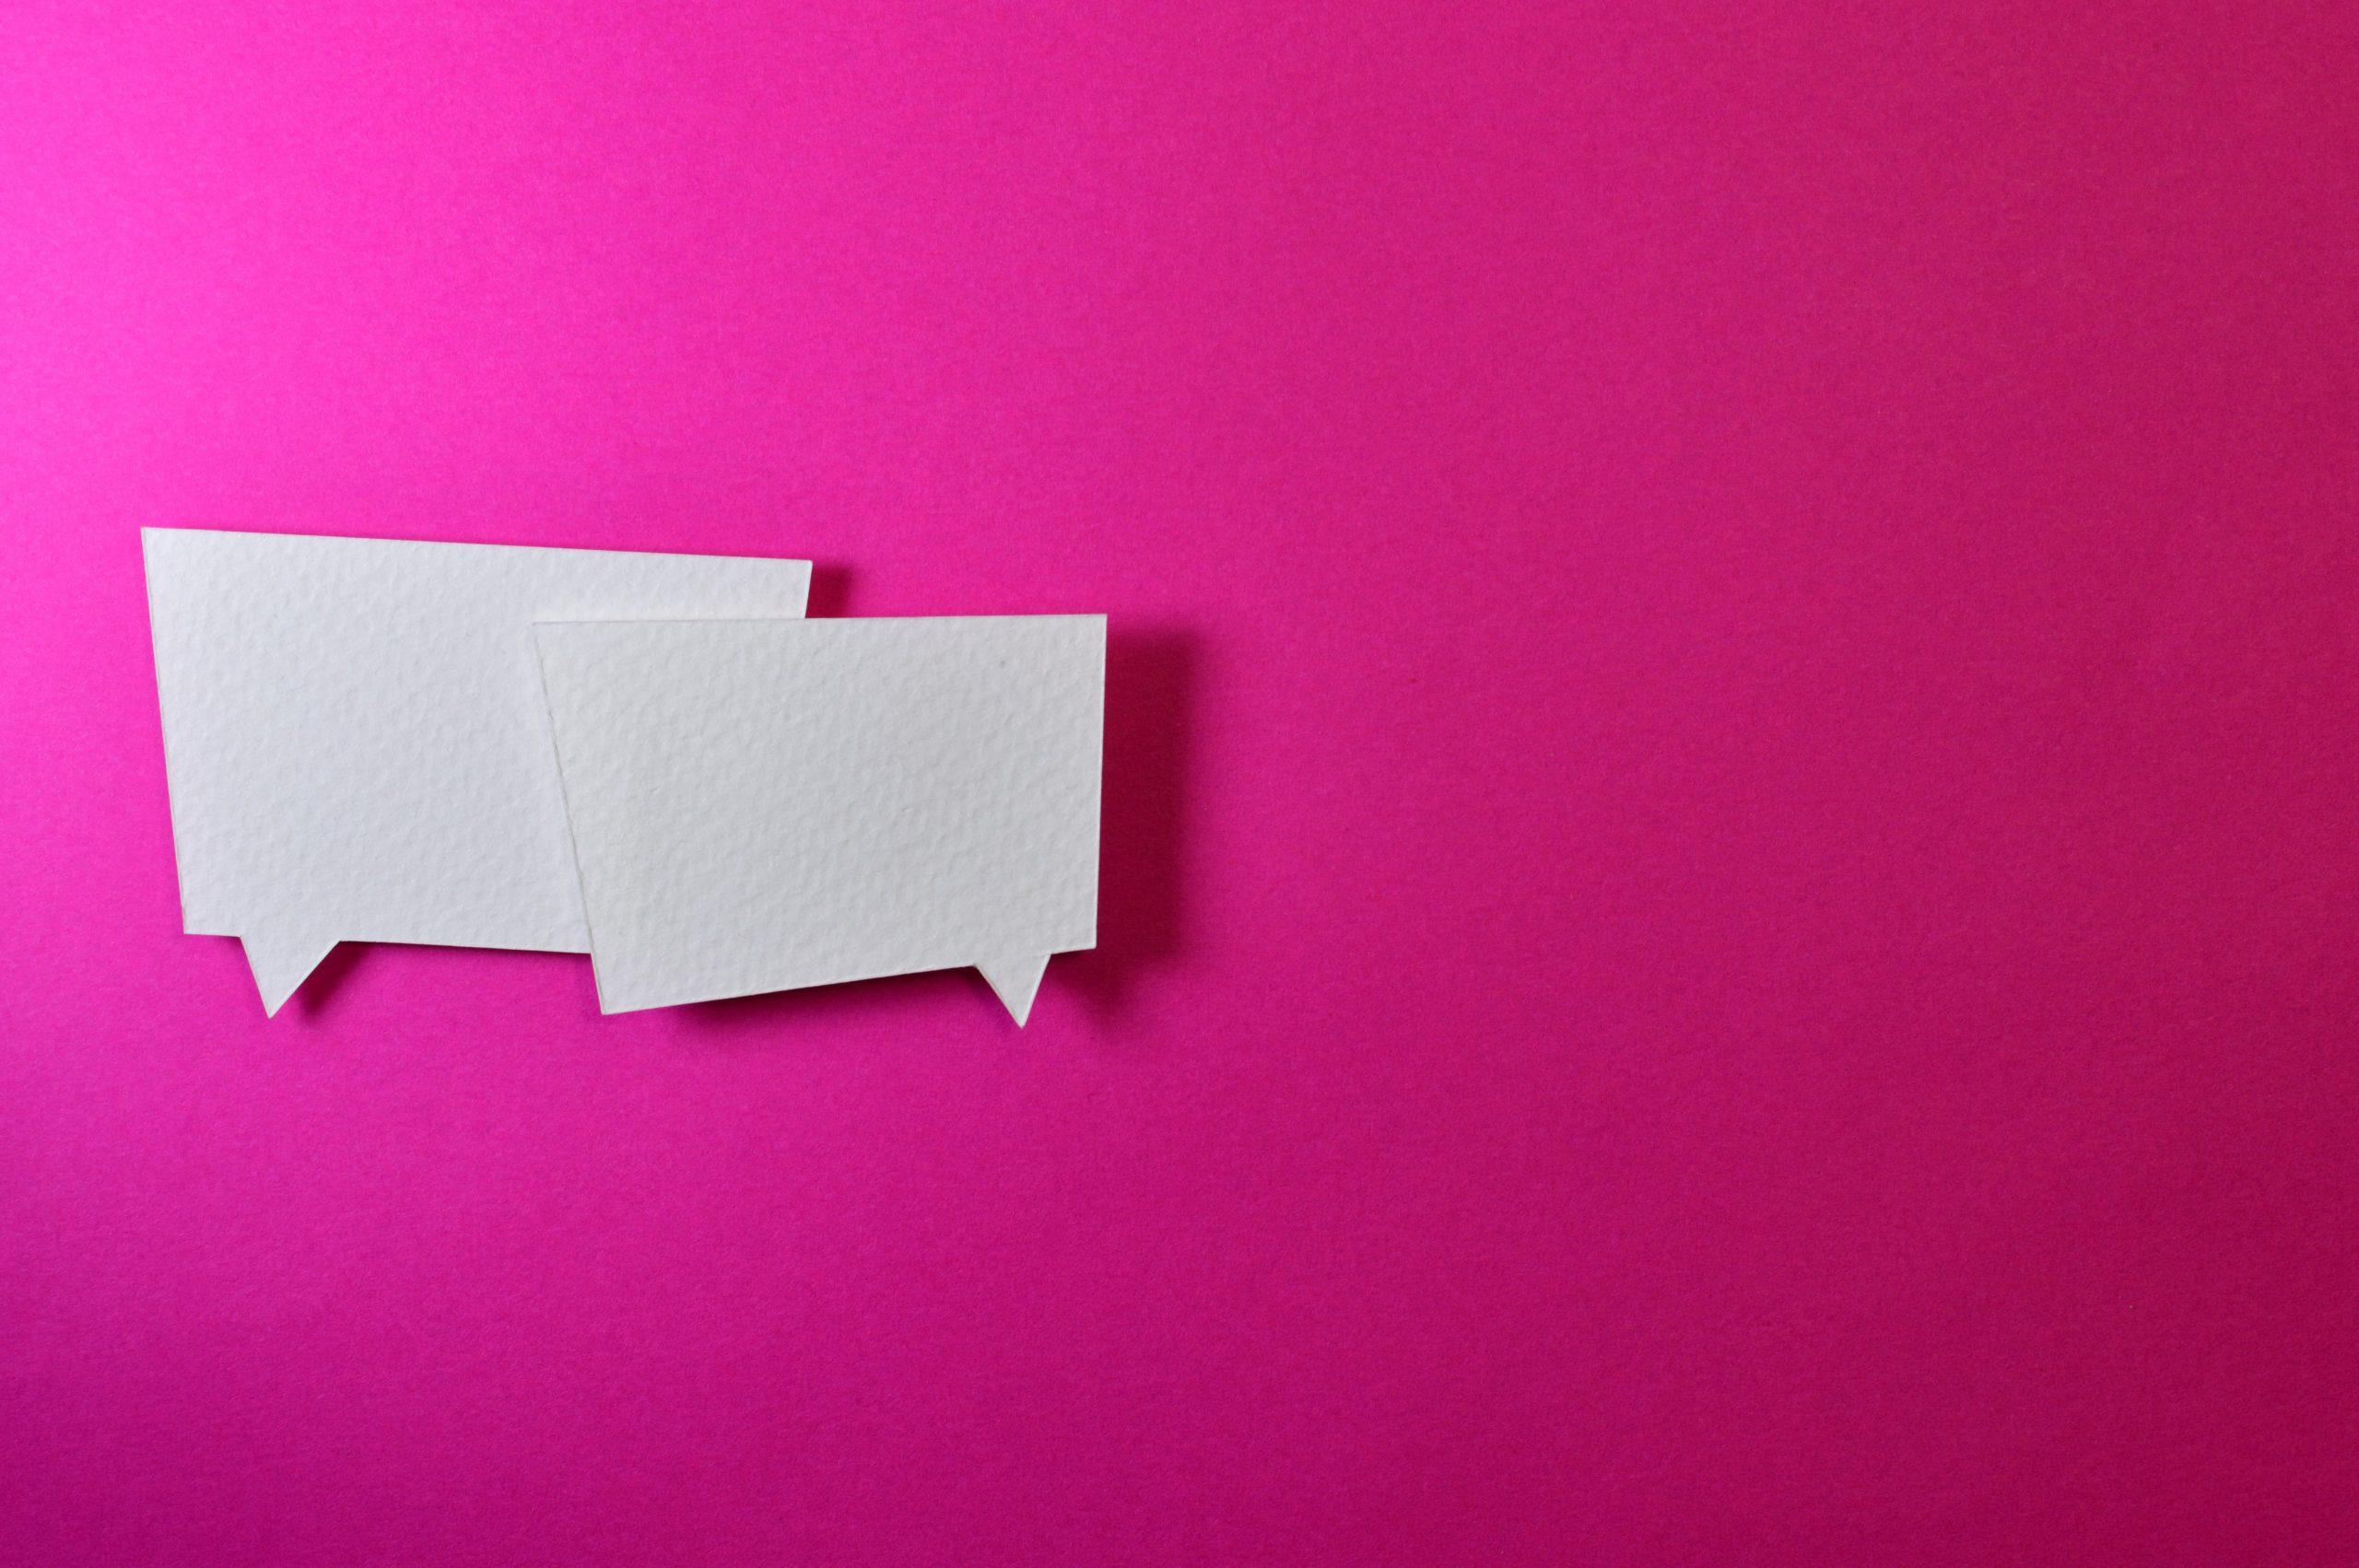 「【英会話】家で独学で出来るスピーキングが上達する方法を紹介!」のアイキャッチ画像